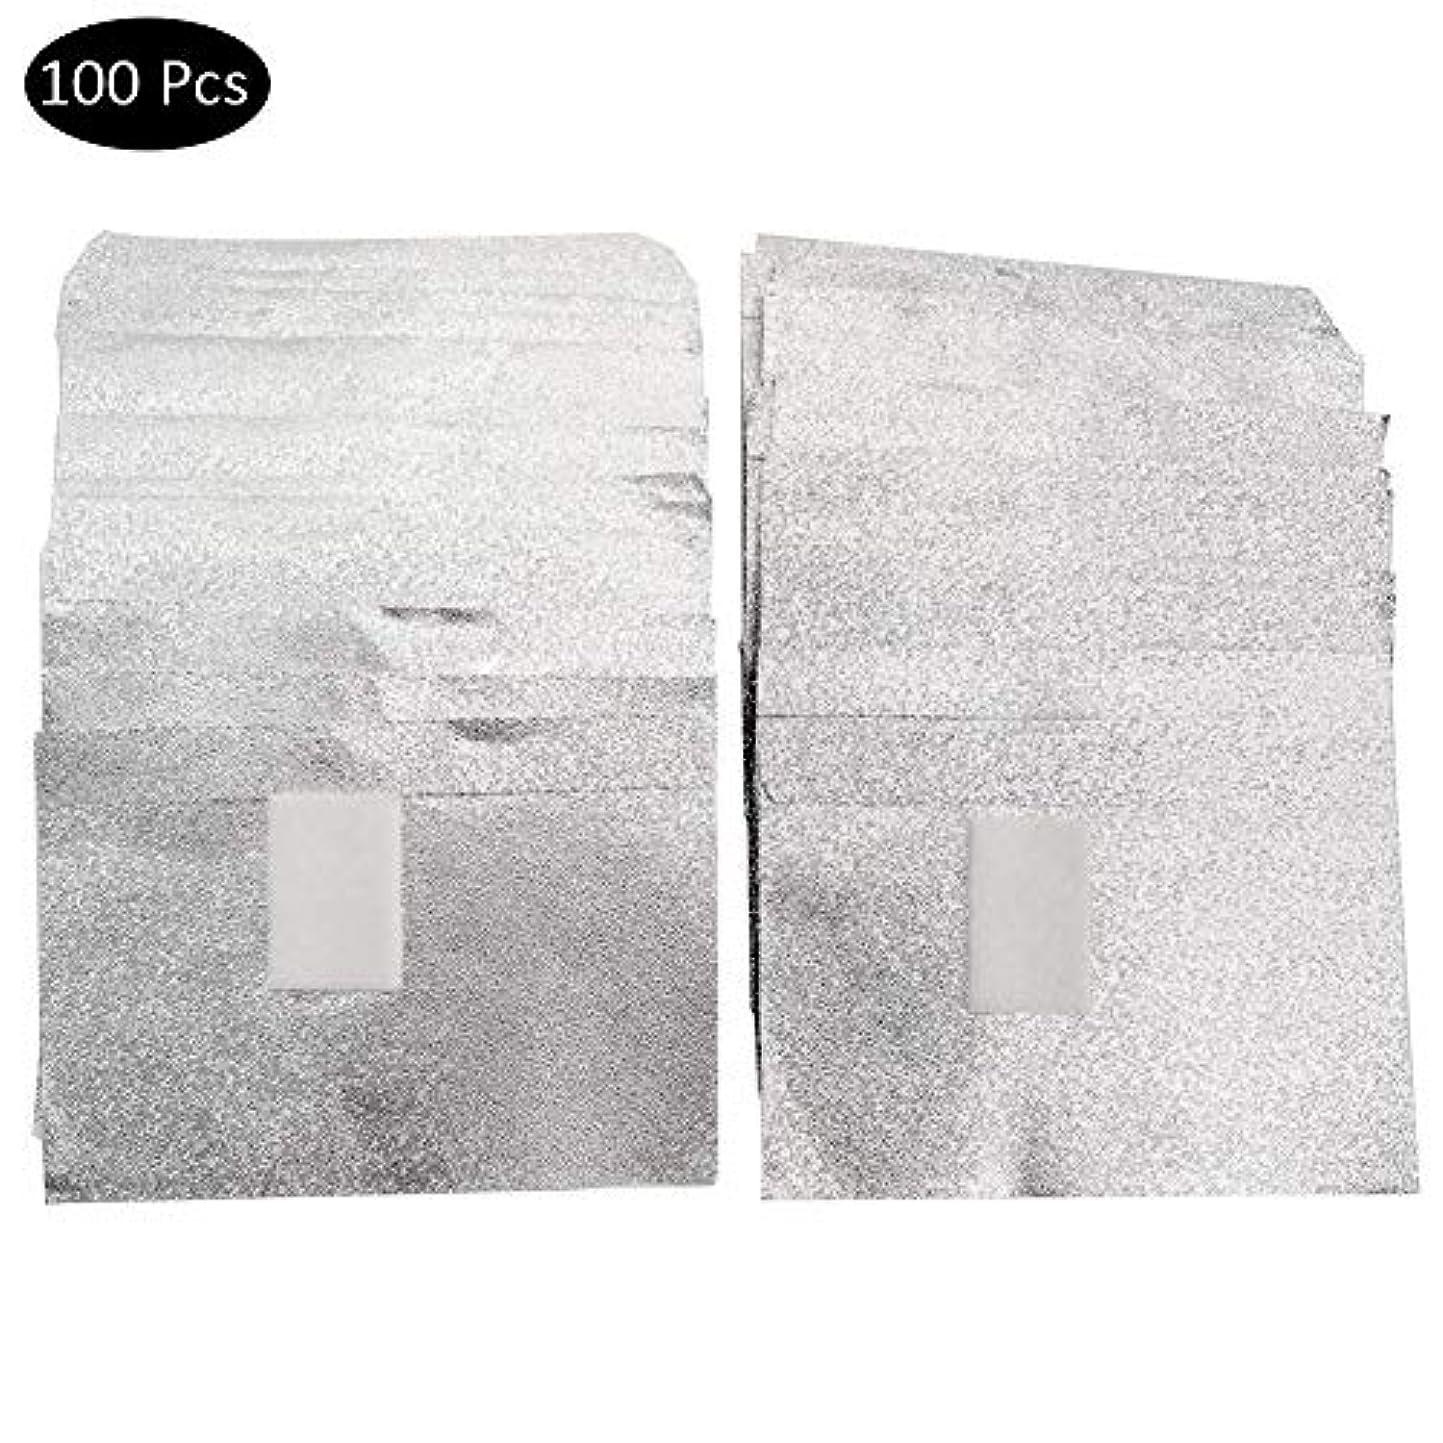 衝突する複合タイトルSILUN ネイルリムーバー錫箔ネイルポリッシュットン付きアルミホイル ジェル除却 使い捨て 爪マニキュア用品100枚入り使い捨て コットン付きアルミホイル ネイル用品 マニキュア用品